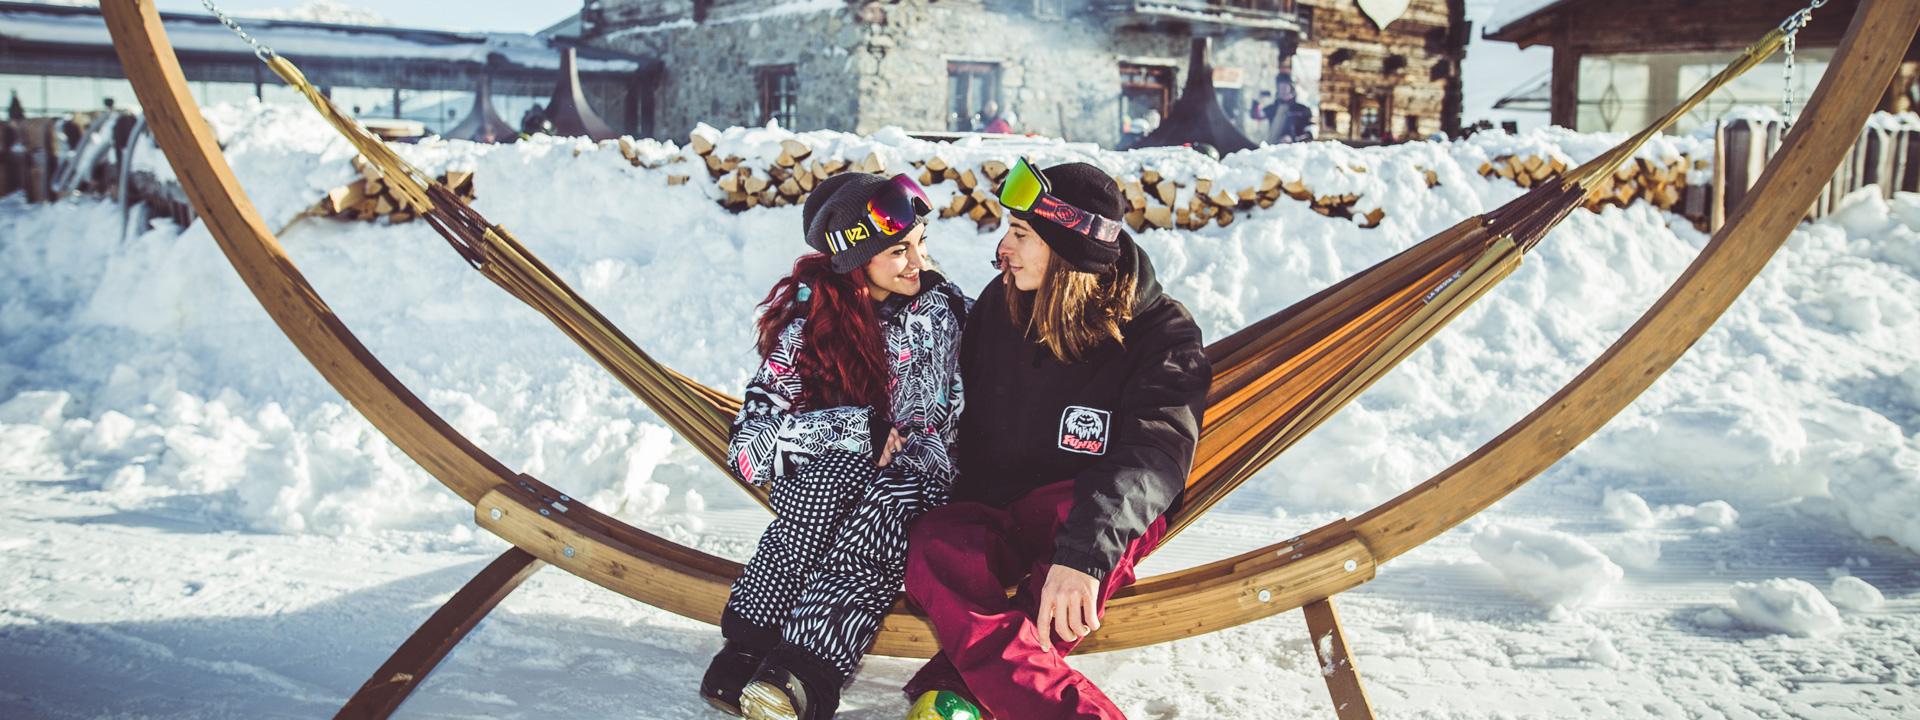 Esperienze indimenticabili nella ski area Mottolino a Livigno